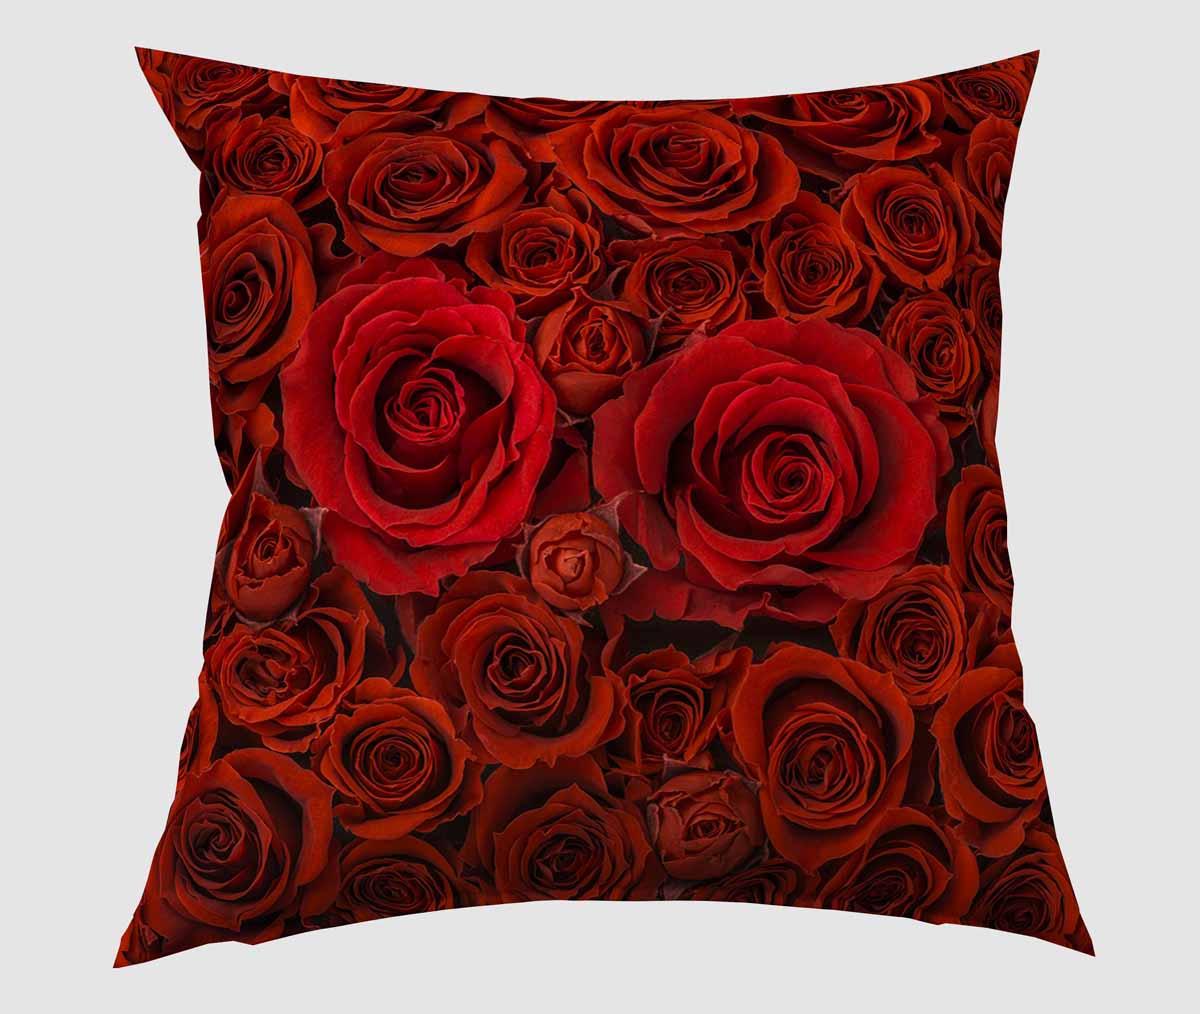 Подушка декоративная Сирень 1001 роза, 40 х 40 смPK0092Декоративная подушка Сирень 1001 роза, изготовленная из габардина (100% полиэстер), прекрасно дополнит интерьер спальни или гостиной. Подушка оформлена красочным изображением цветов. Внутри - мягкий наполнитель из холлофайбера (100% полиэстер). Красивая подушка создаст атмосферу тепла и уюта в спальне и станет прекрасным элементом декора.